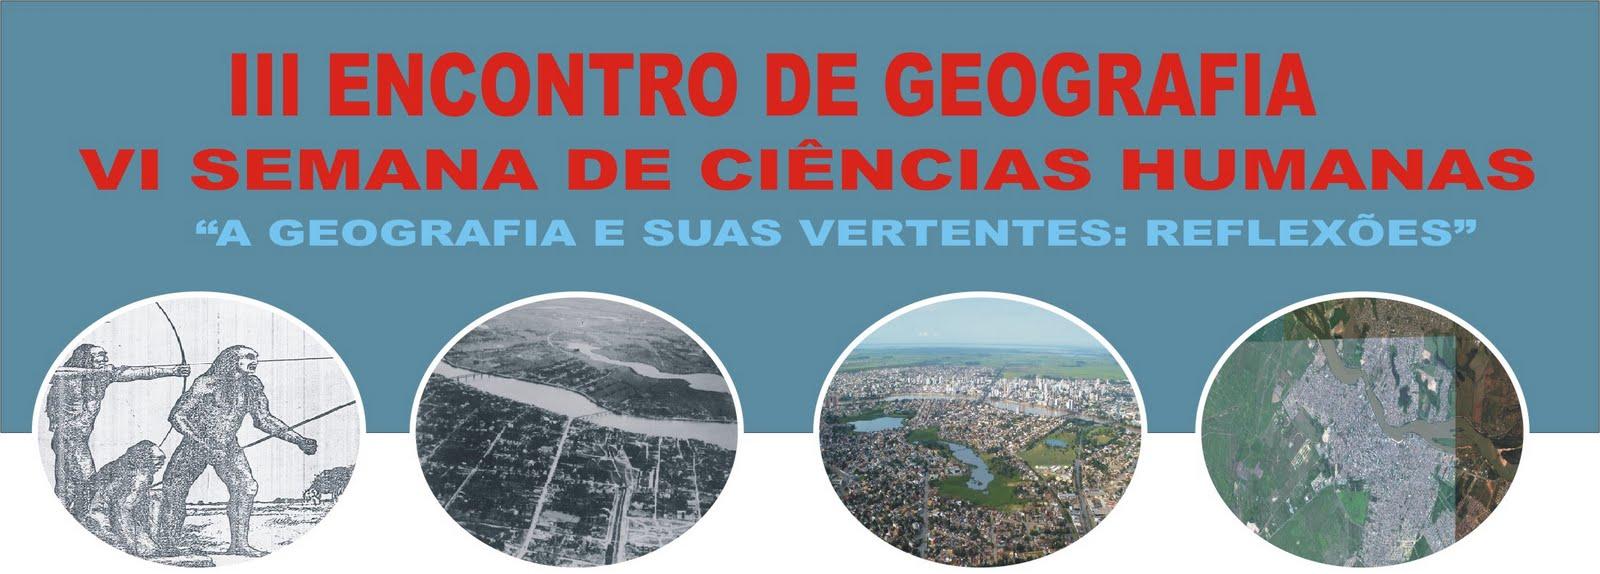 III ENCONTRO DE GEOGRAFIA